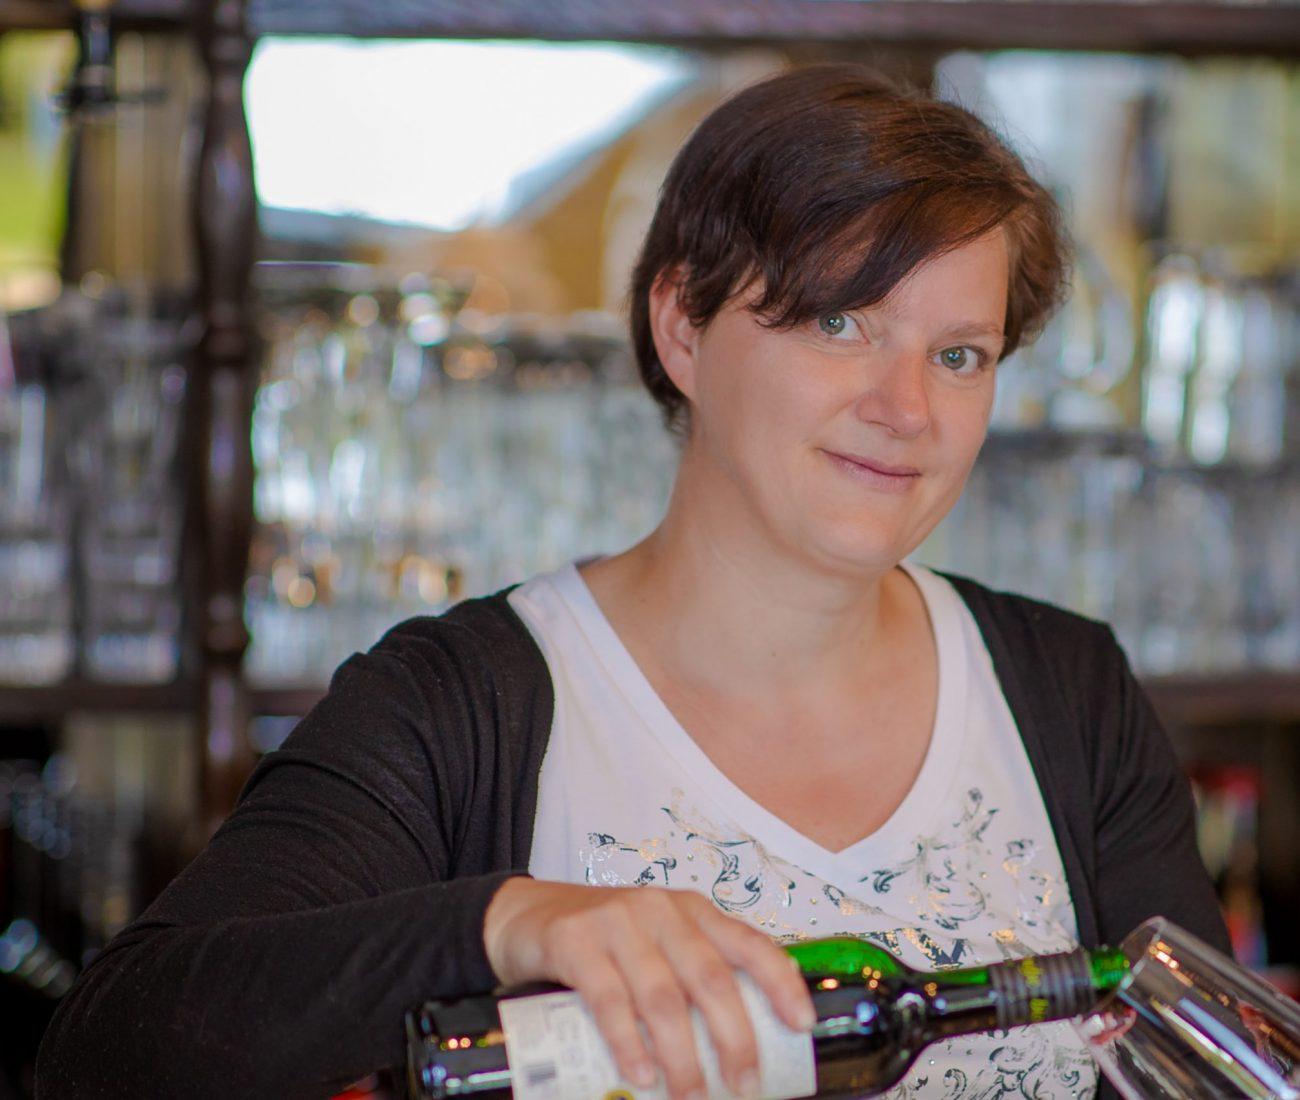 Gaststätte zur Büch's in Suhl - zu sehen ist Inhaberin Daniela Hofmann